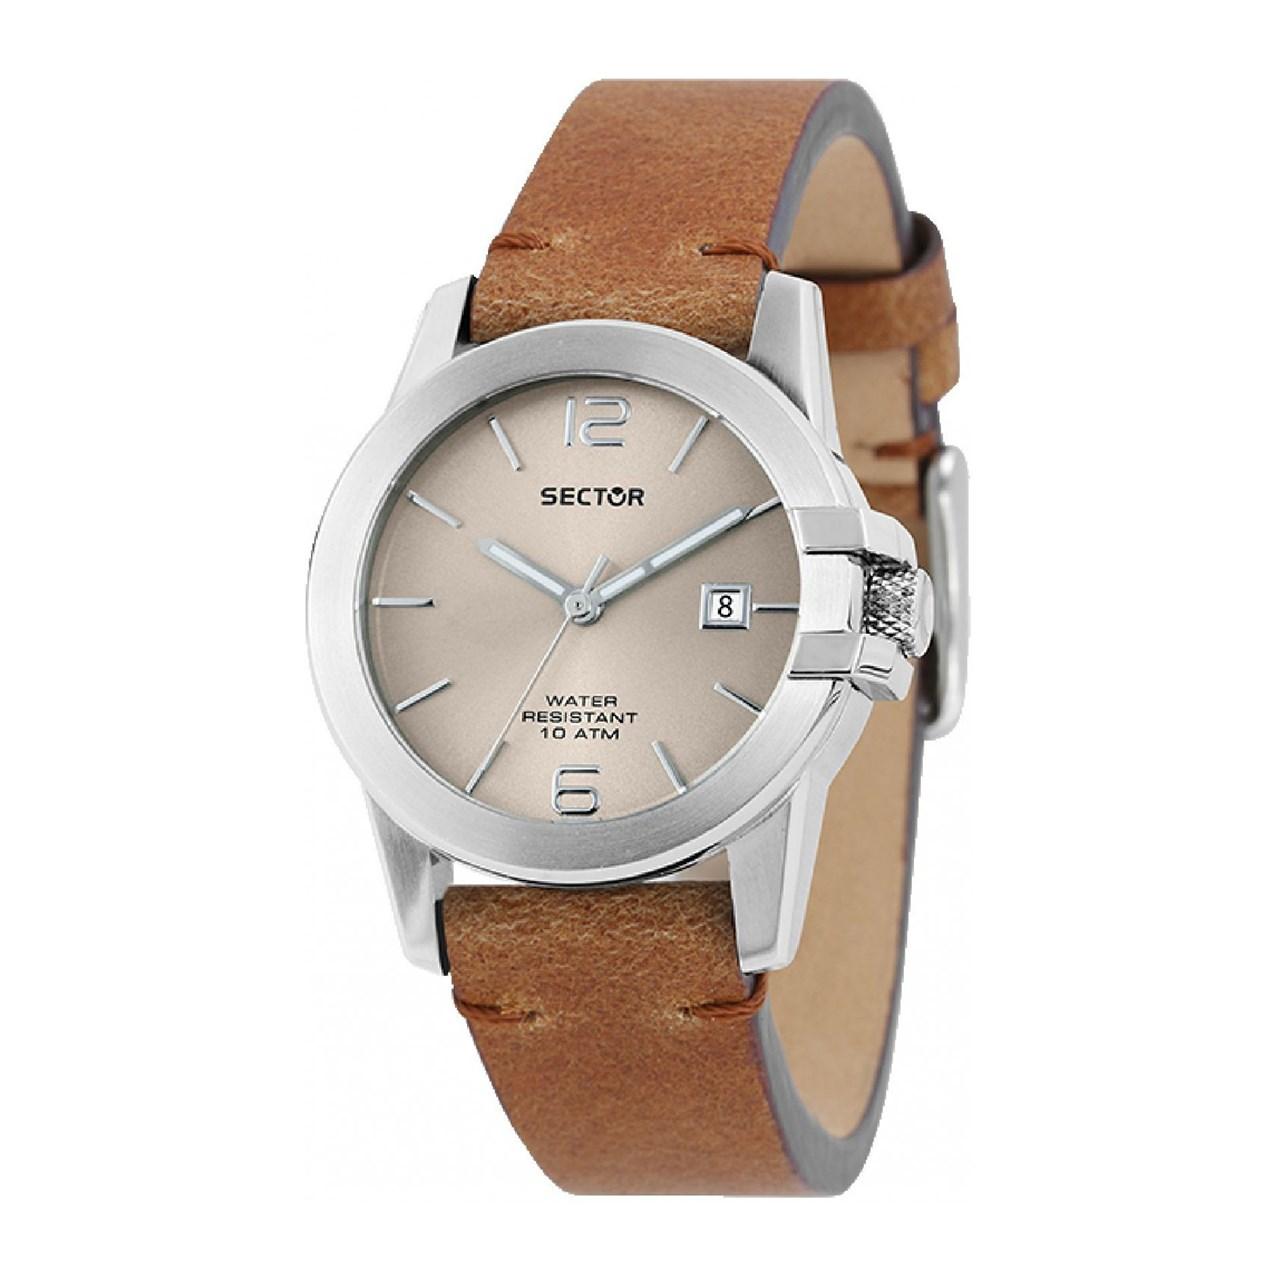 ساعت مچی عقربه ای زنانه  سکتور مدل 480-3251597501